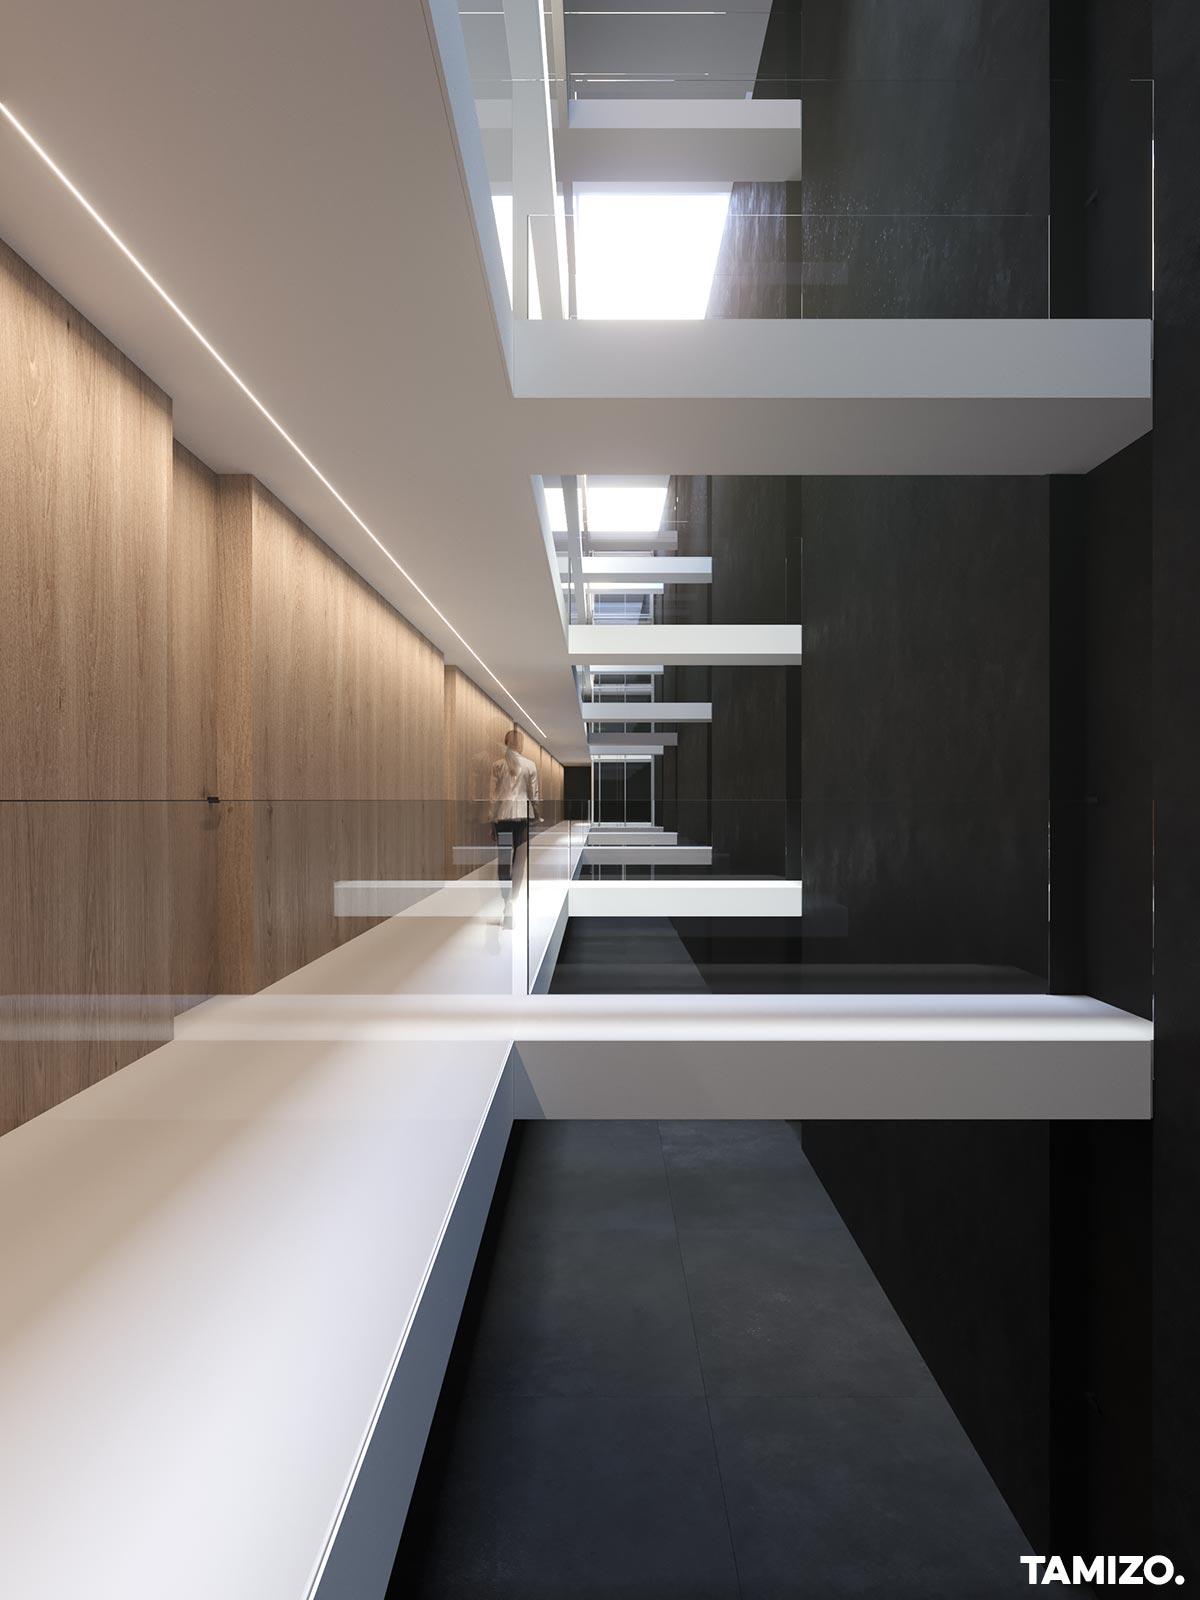 tamizo_architecture_houseing_mieszkaniowa_architektura_biura_office_builidng_lodz_12